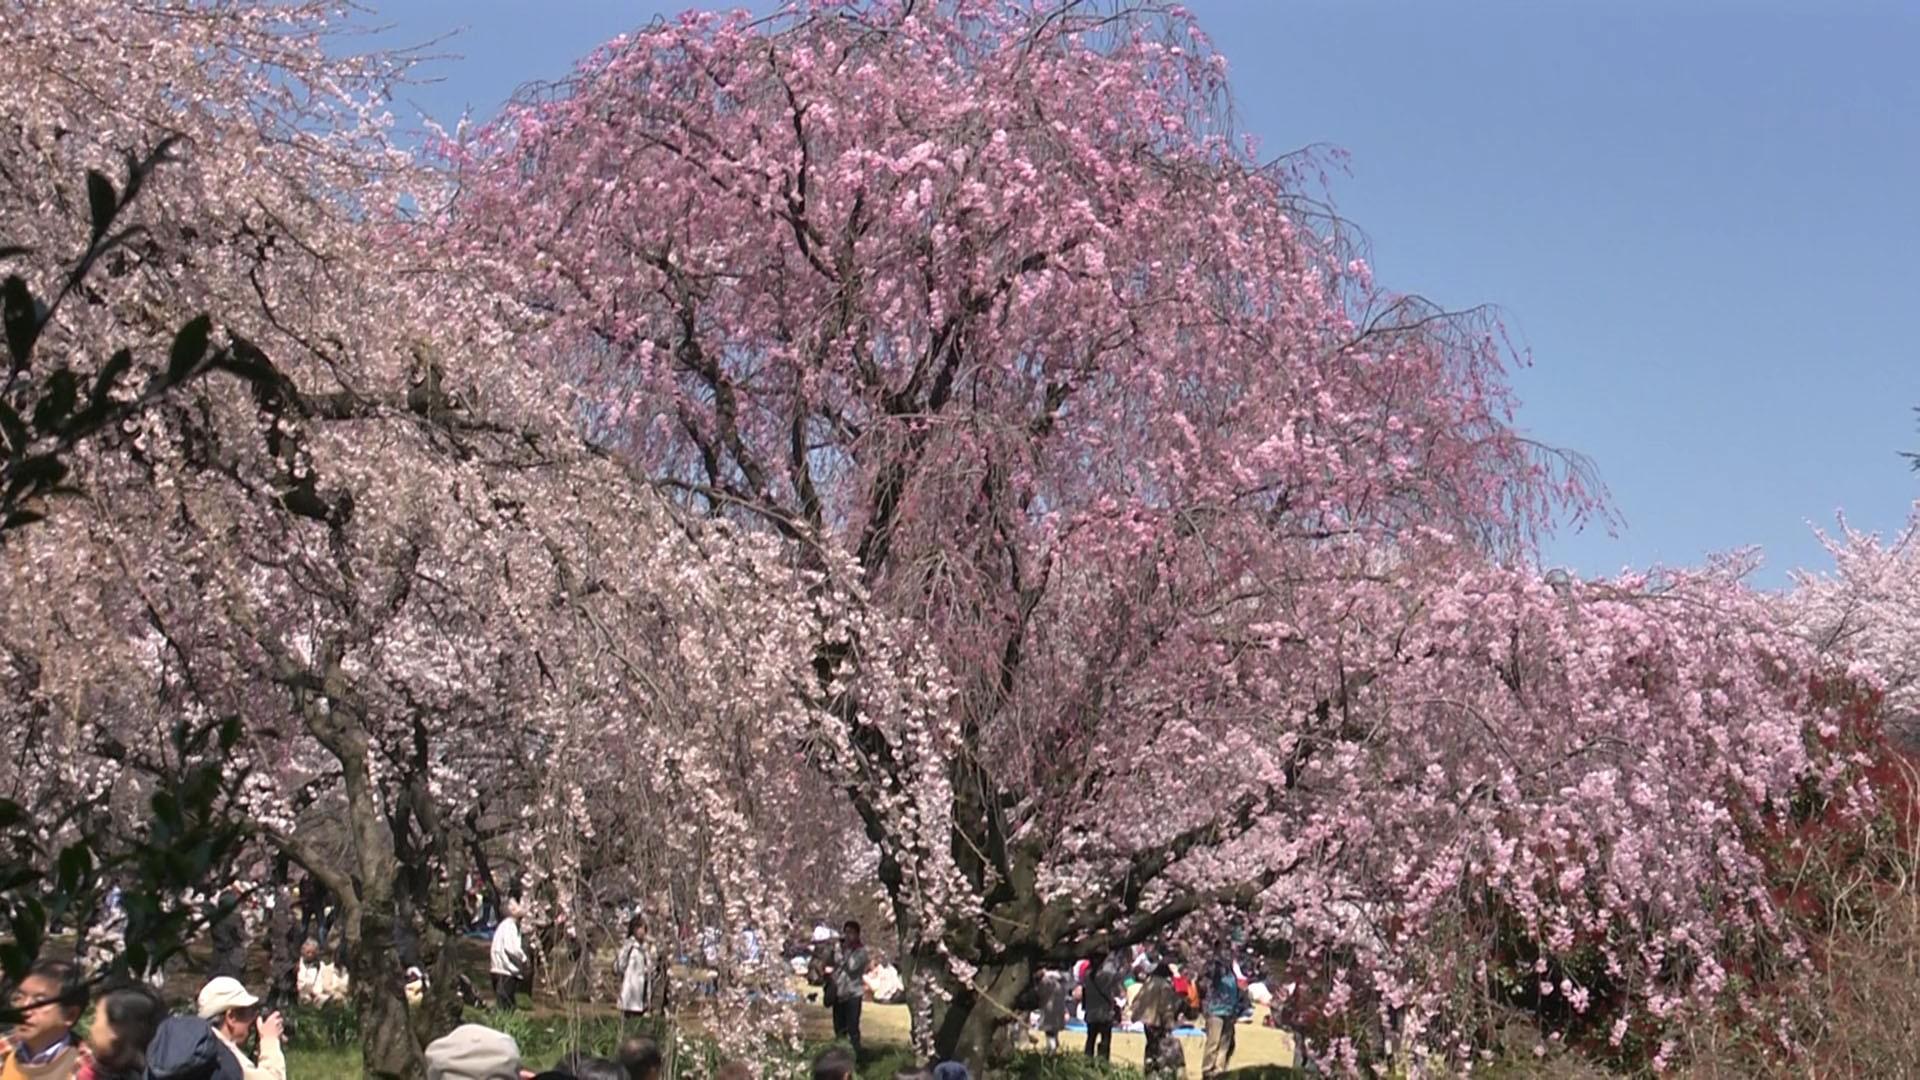 お花見はやっぱり新宿御苑で!桜を楽しむために知っておきたいポイント